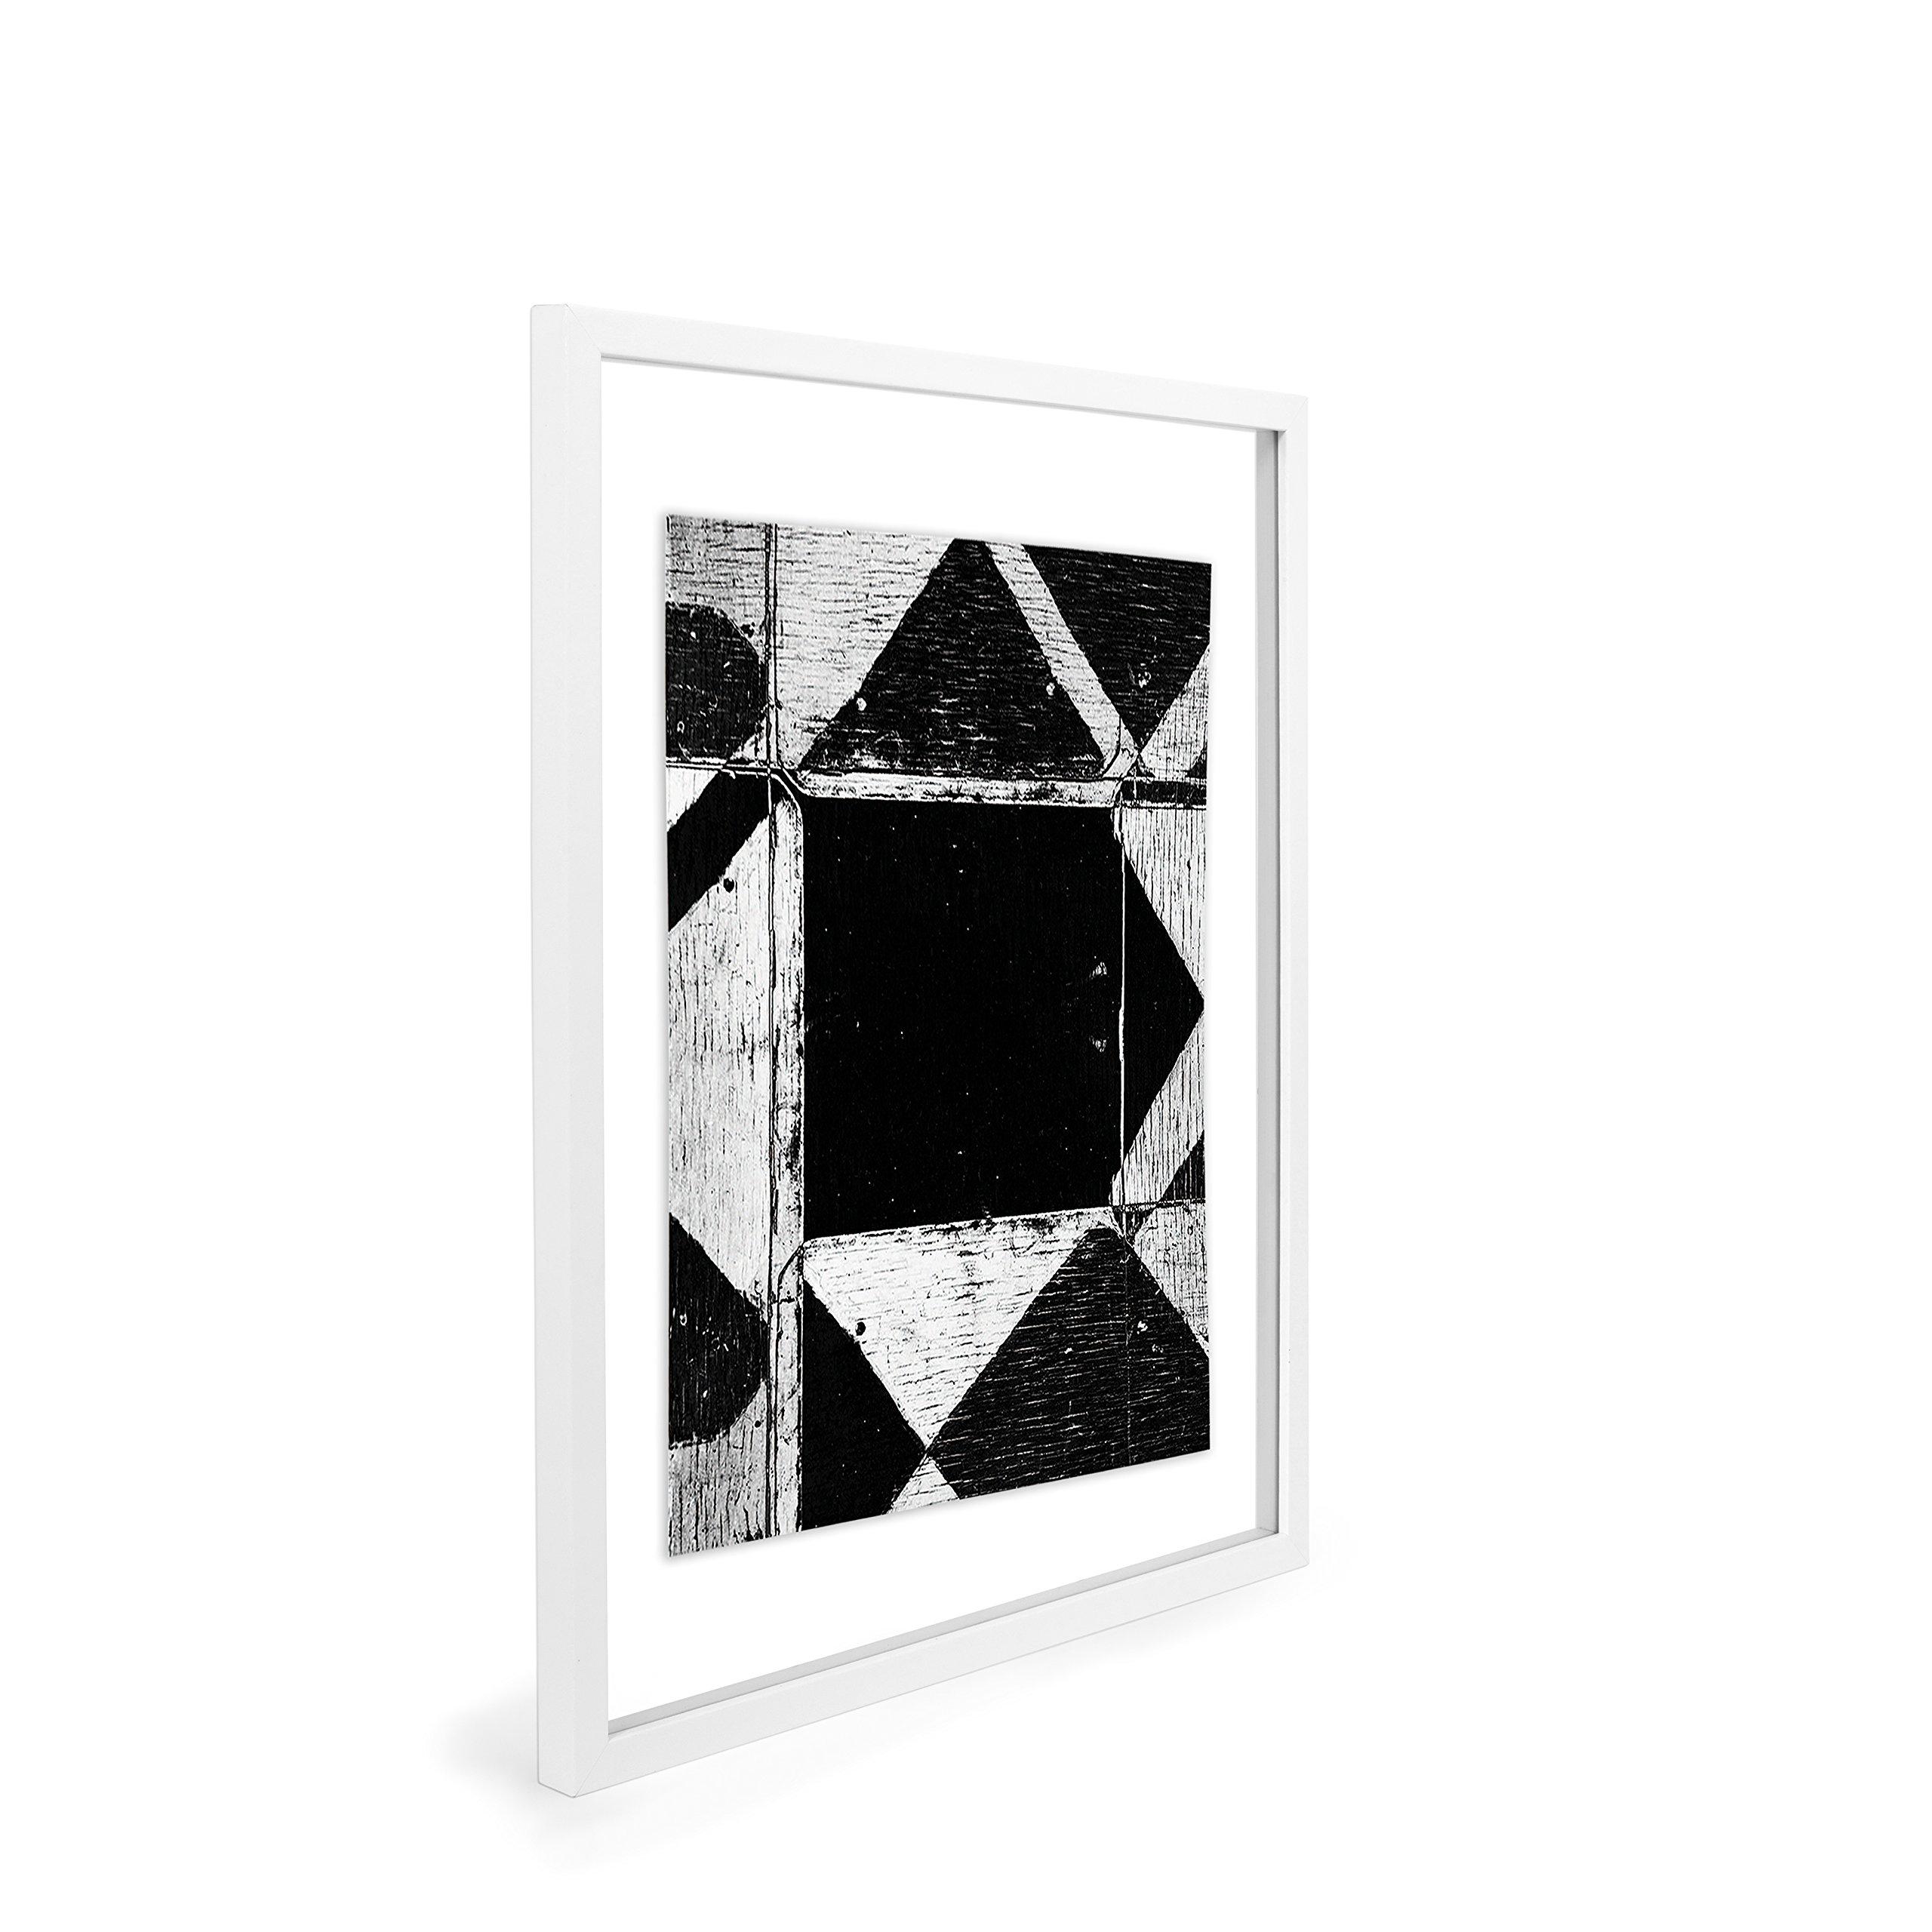 EDGEWOOD Driftwood- Float Frame- 11x14 White by EDGEWOOD (Image #3)